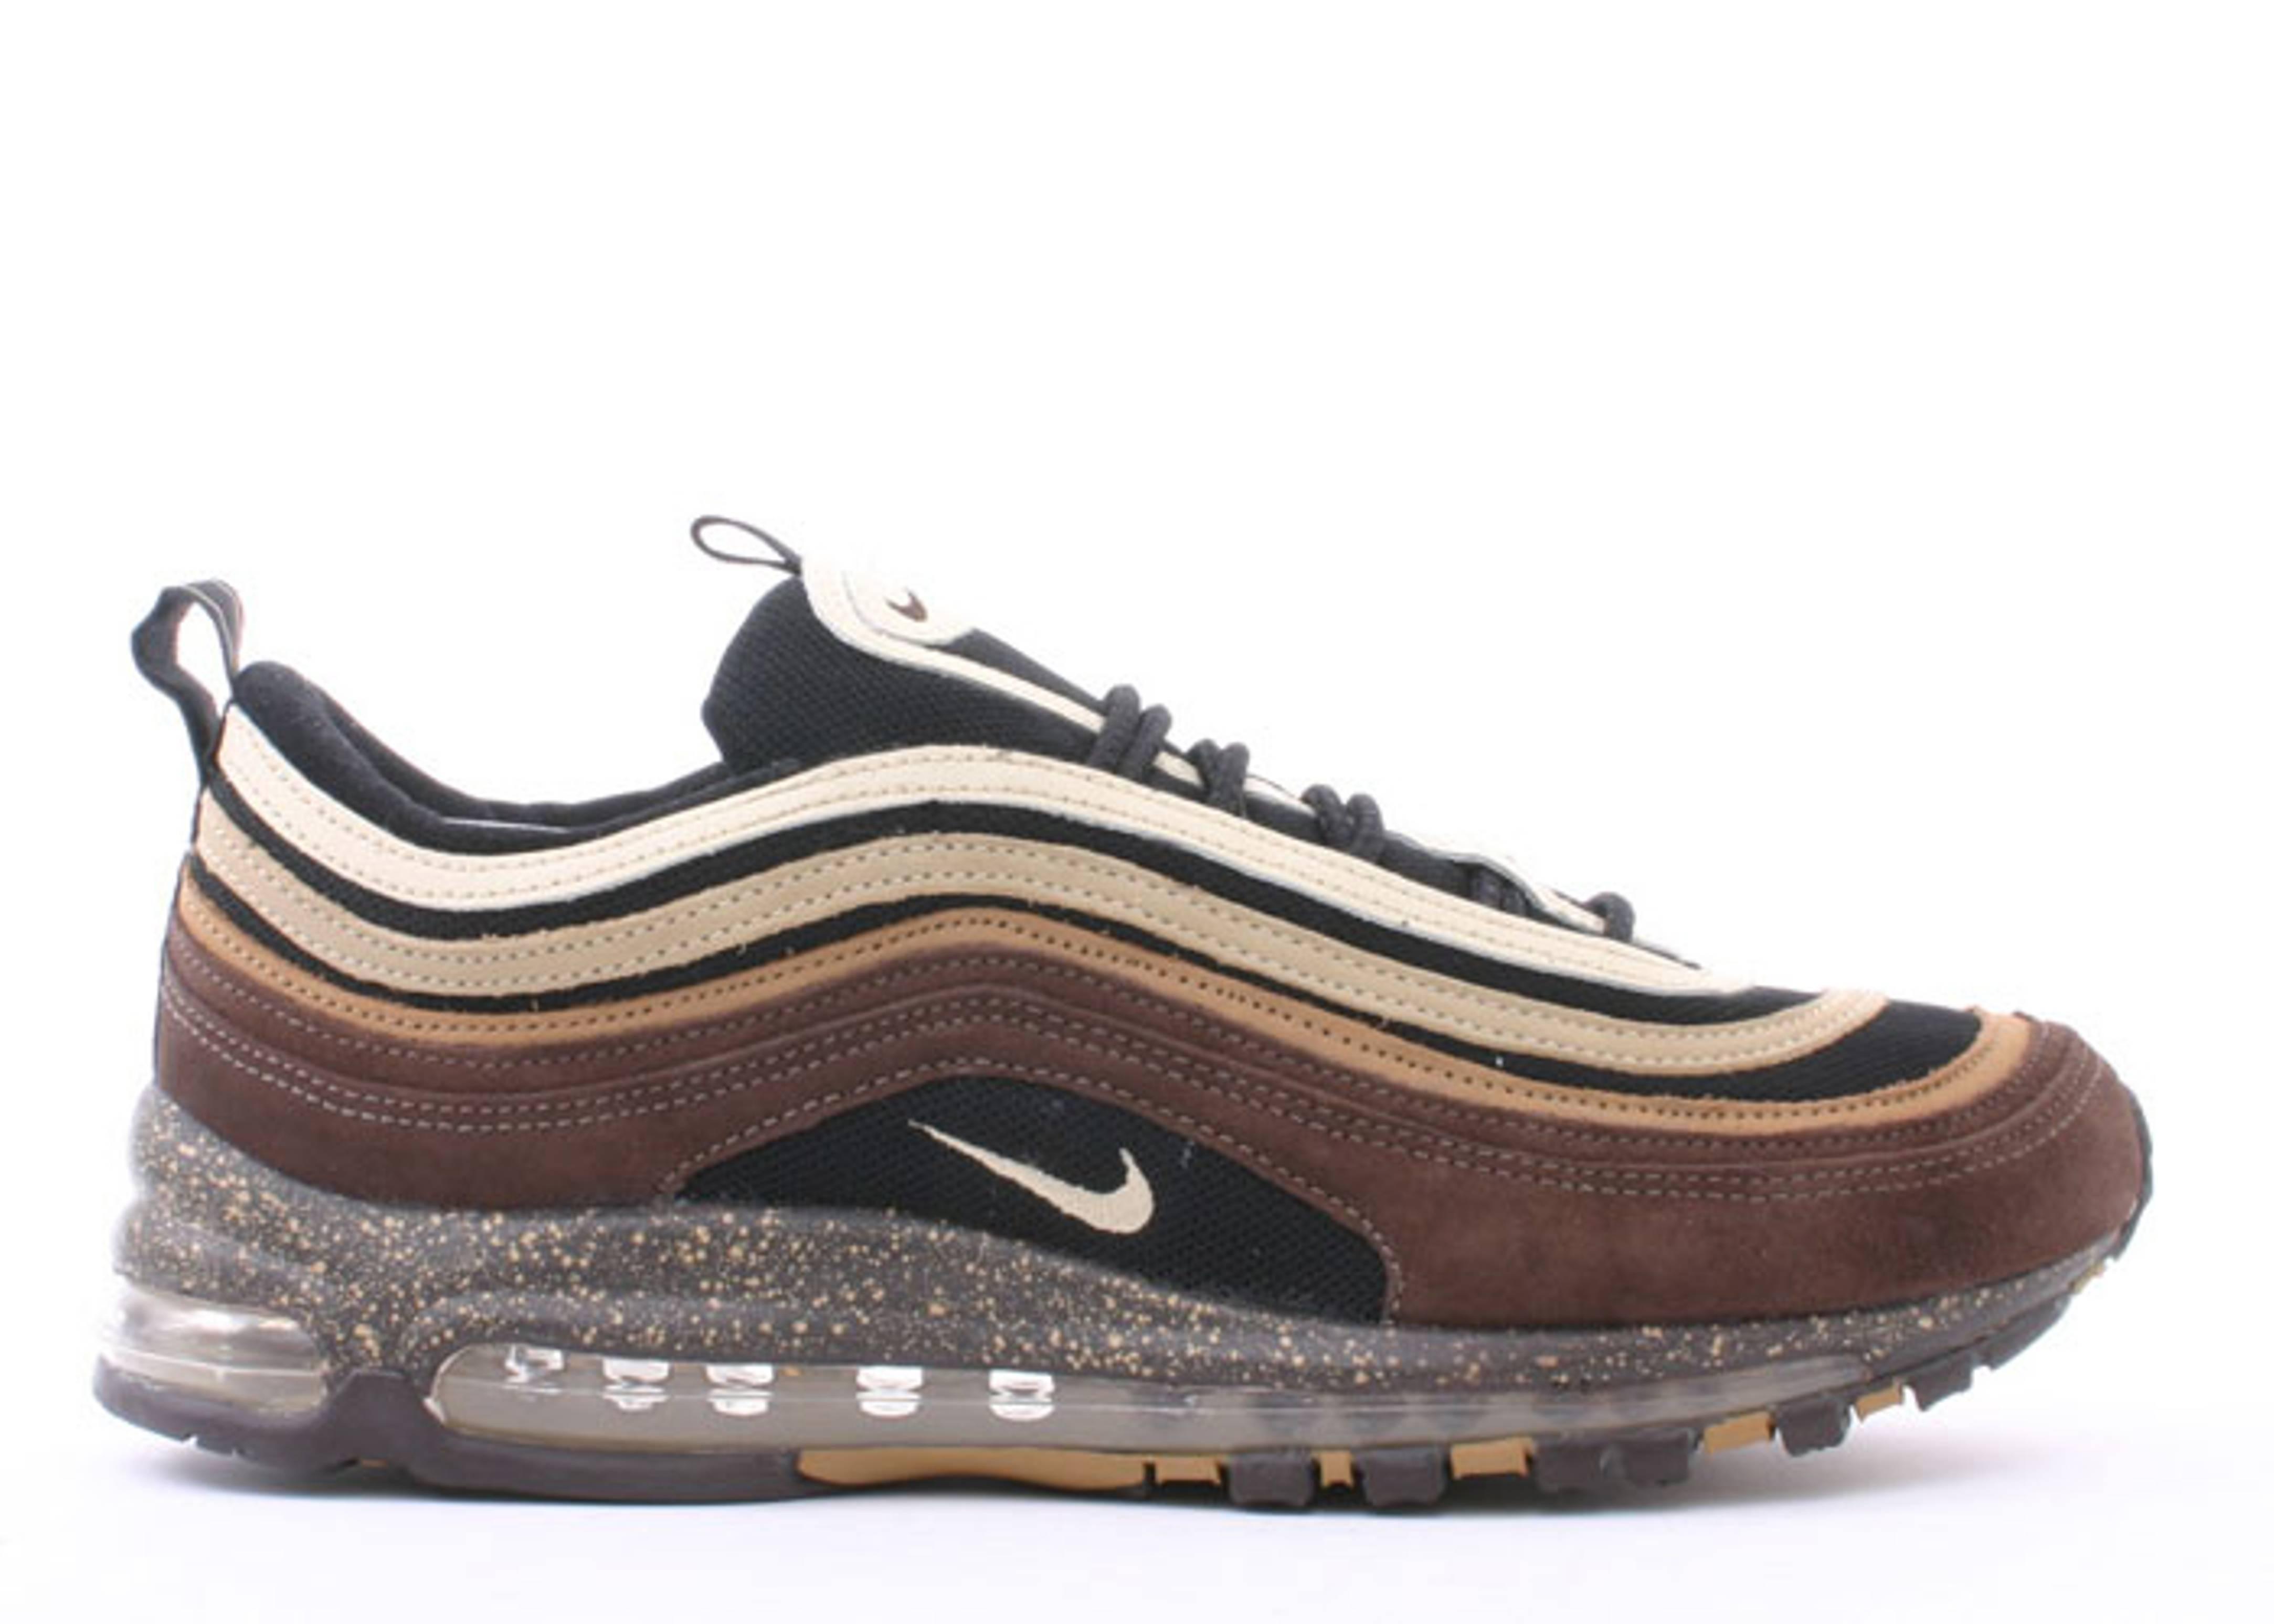 Nike Air Max 97 maron